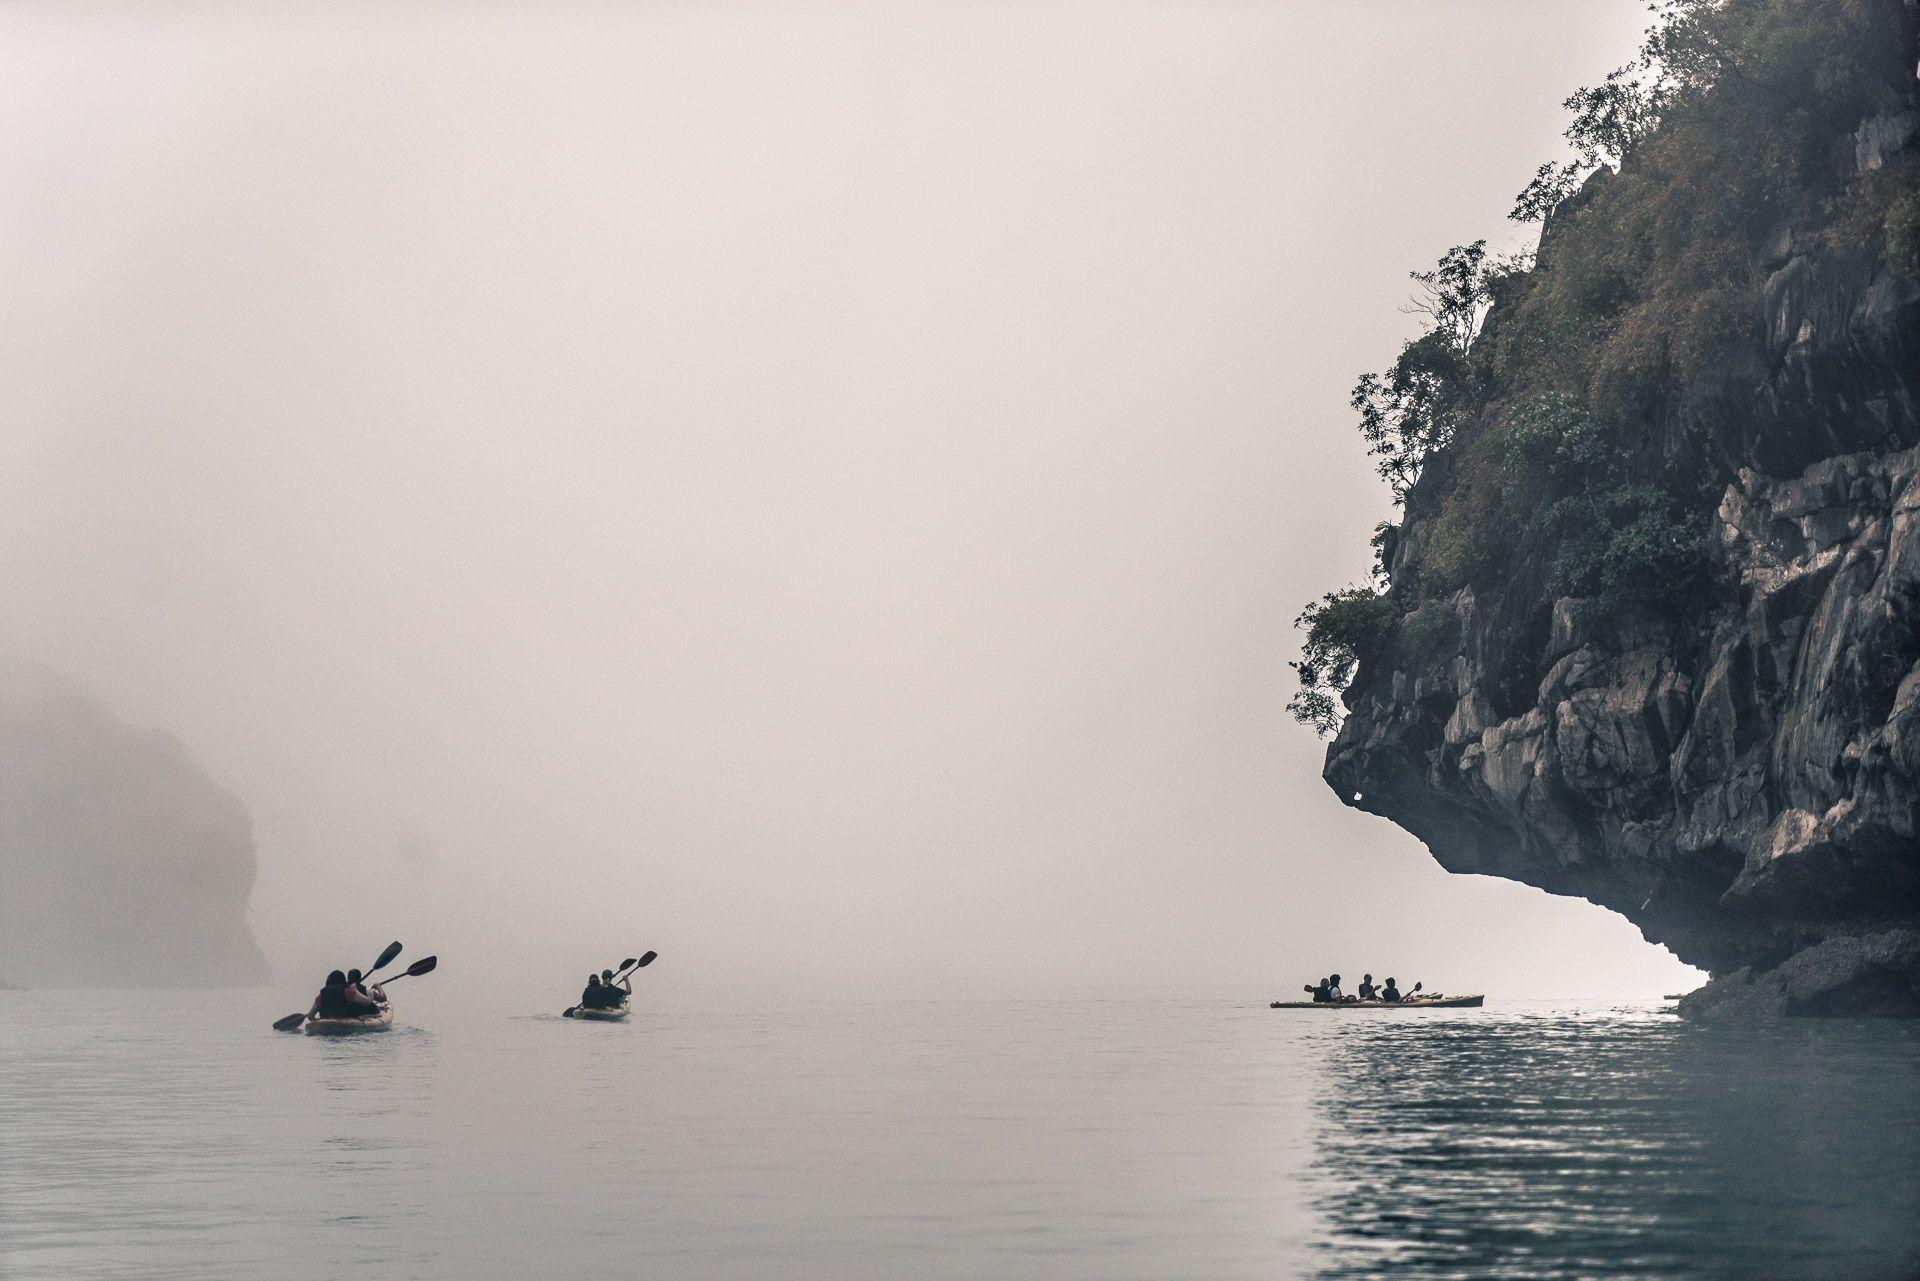 lesvoyageuses-croisiere-a-ha-long-bay-vietnam-21